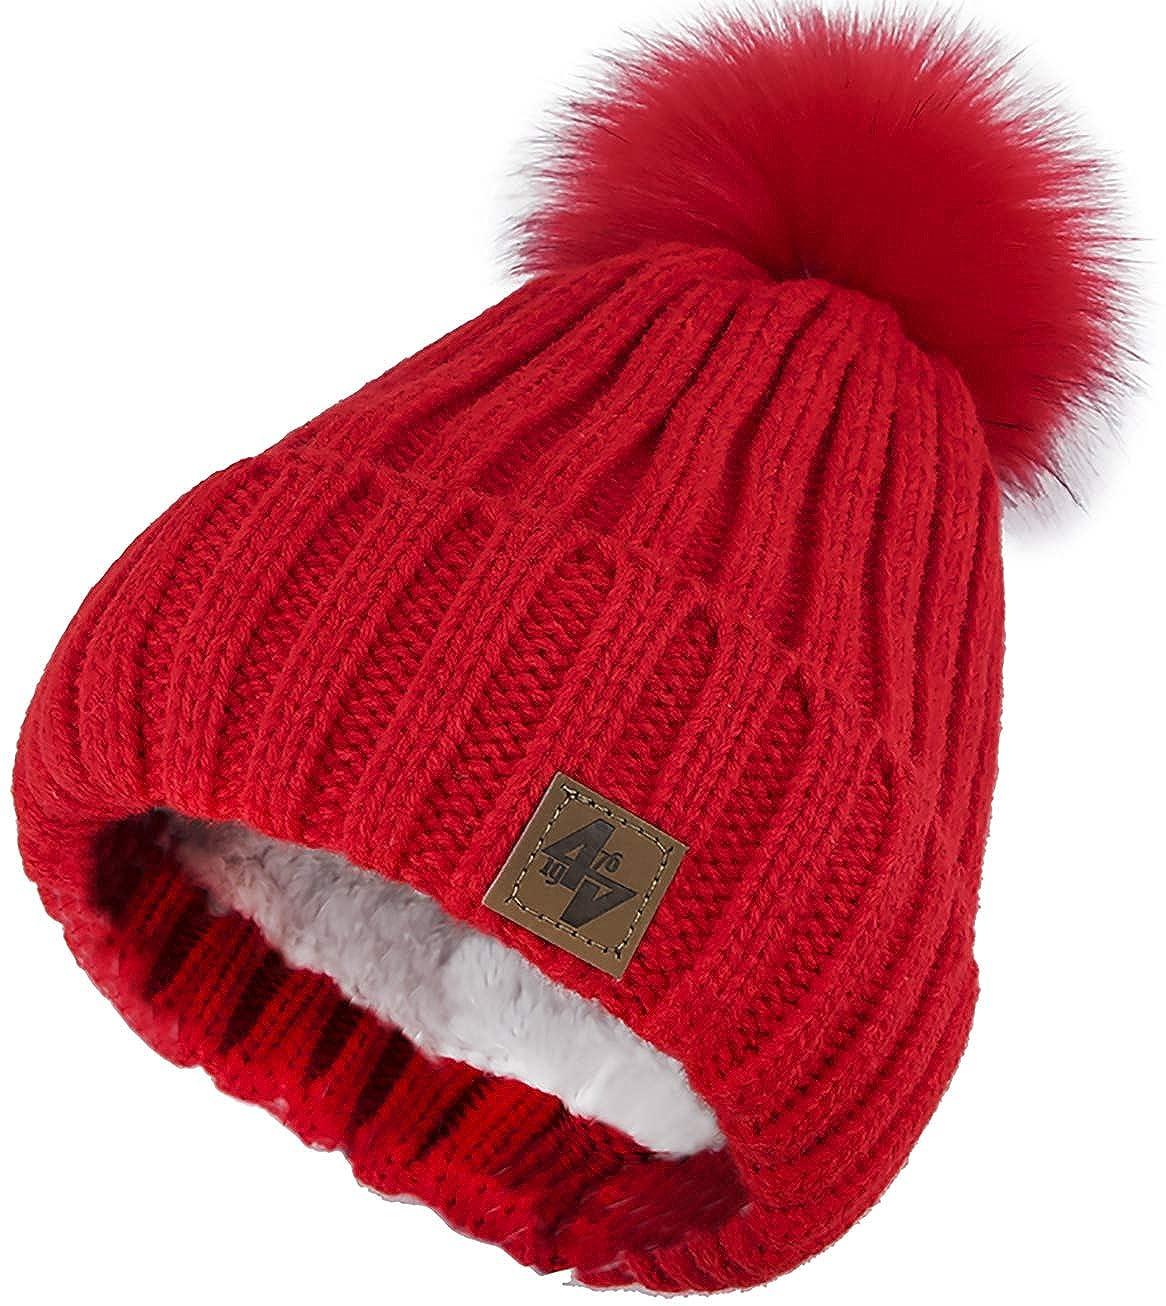 4sold Herren Damen Wurm Winter Style Beanie Strickmütze Mütze mit Fellbommel Bommelmütze Hat Gestrickte Pudelmütze Plain Ski Pom Wooly with Full Cosy Fleece-Futter